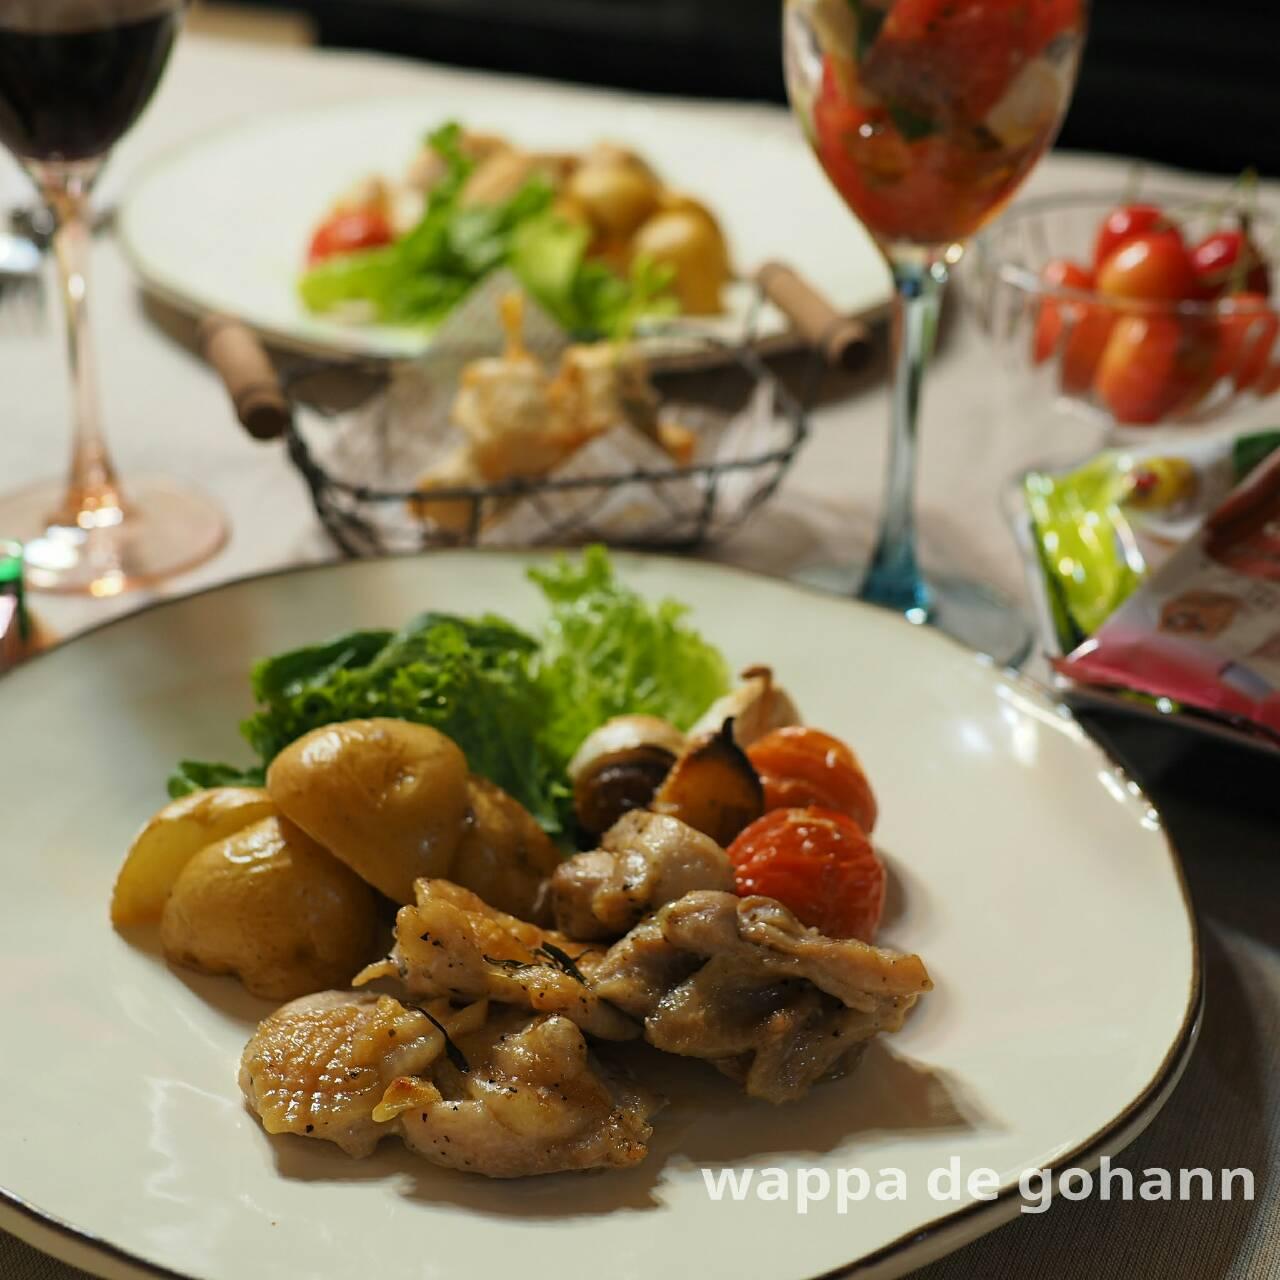 鶏のオーブン焼きの晩ごはん